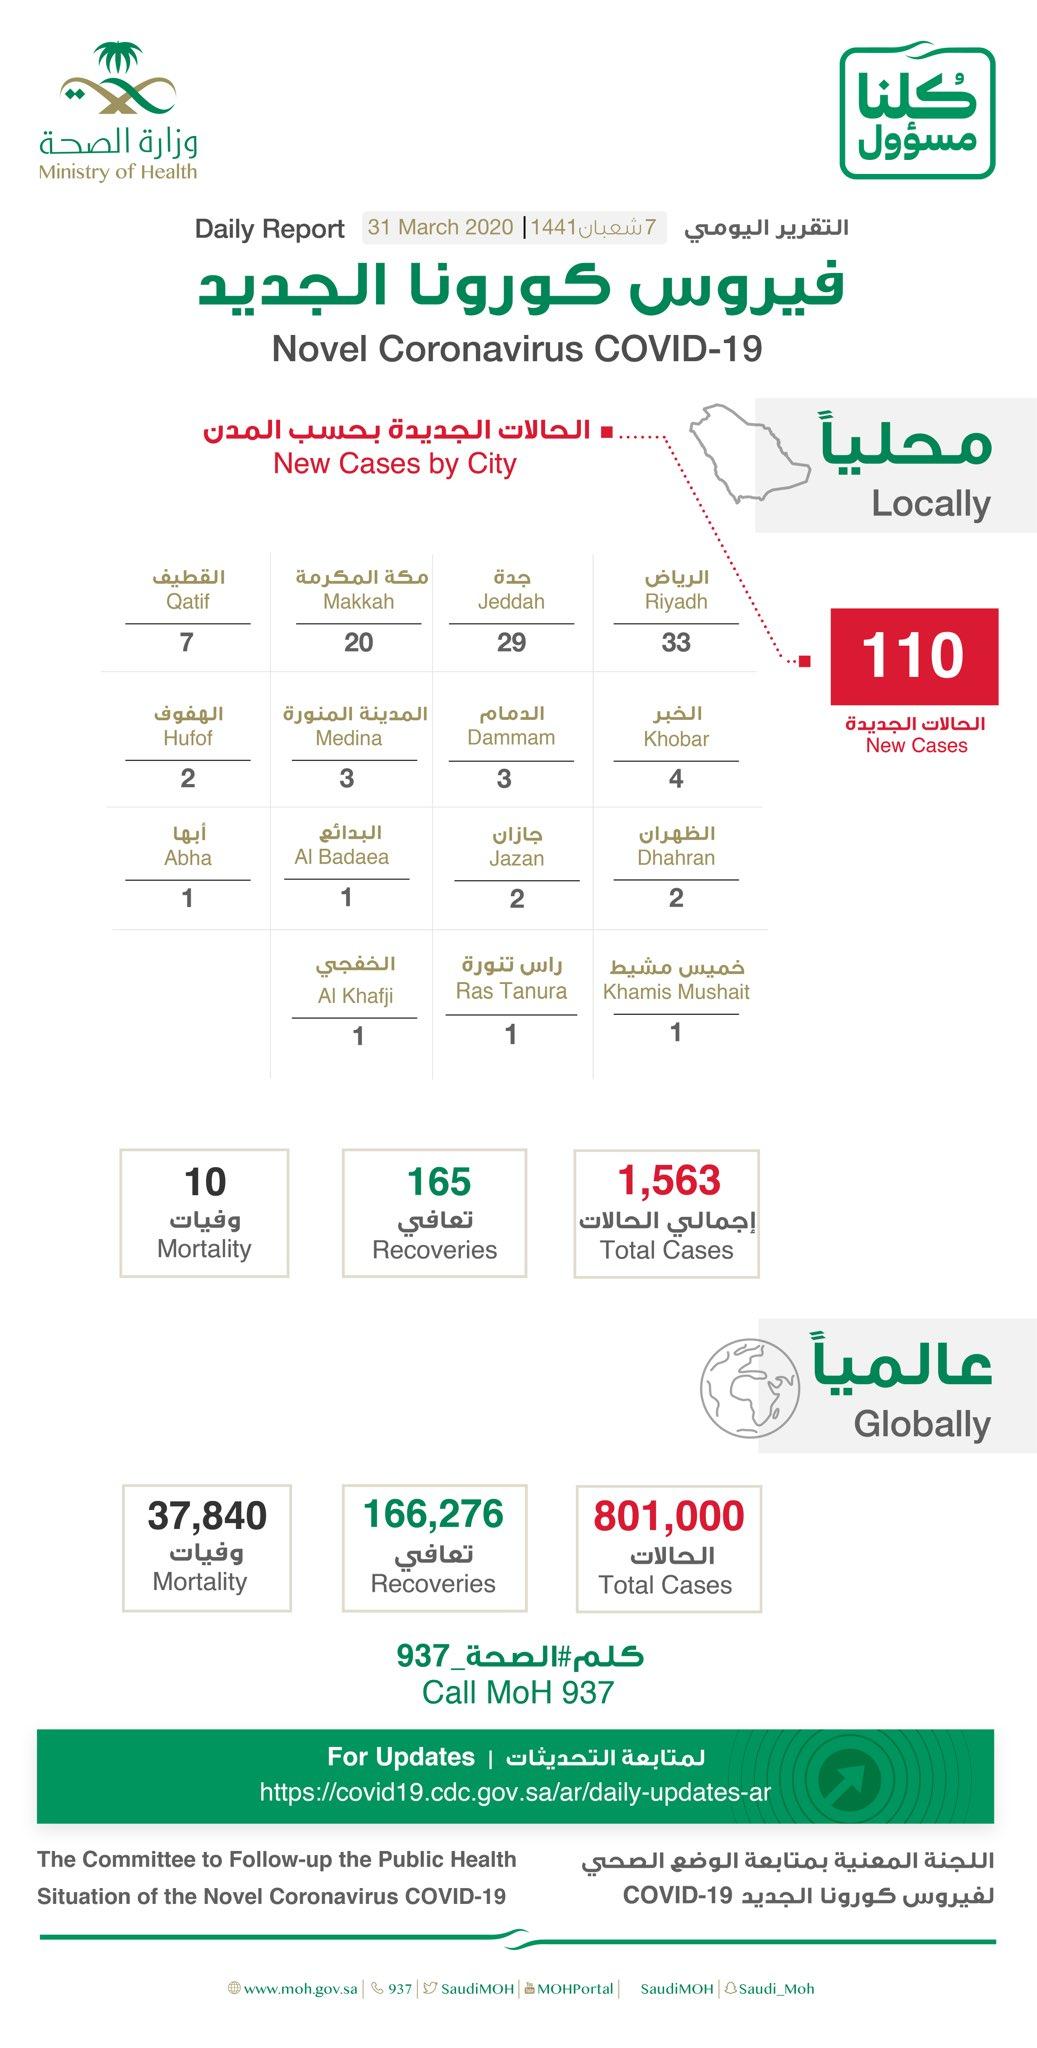 沙特新增110例新冠肺炎确诊病例 累计确诊1563例